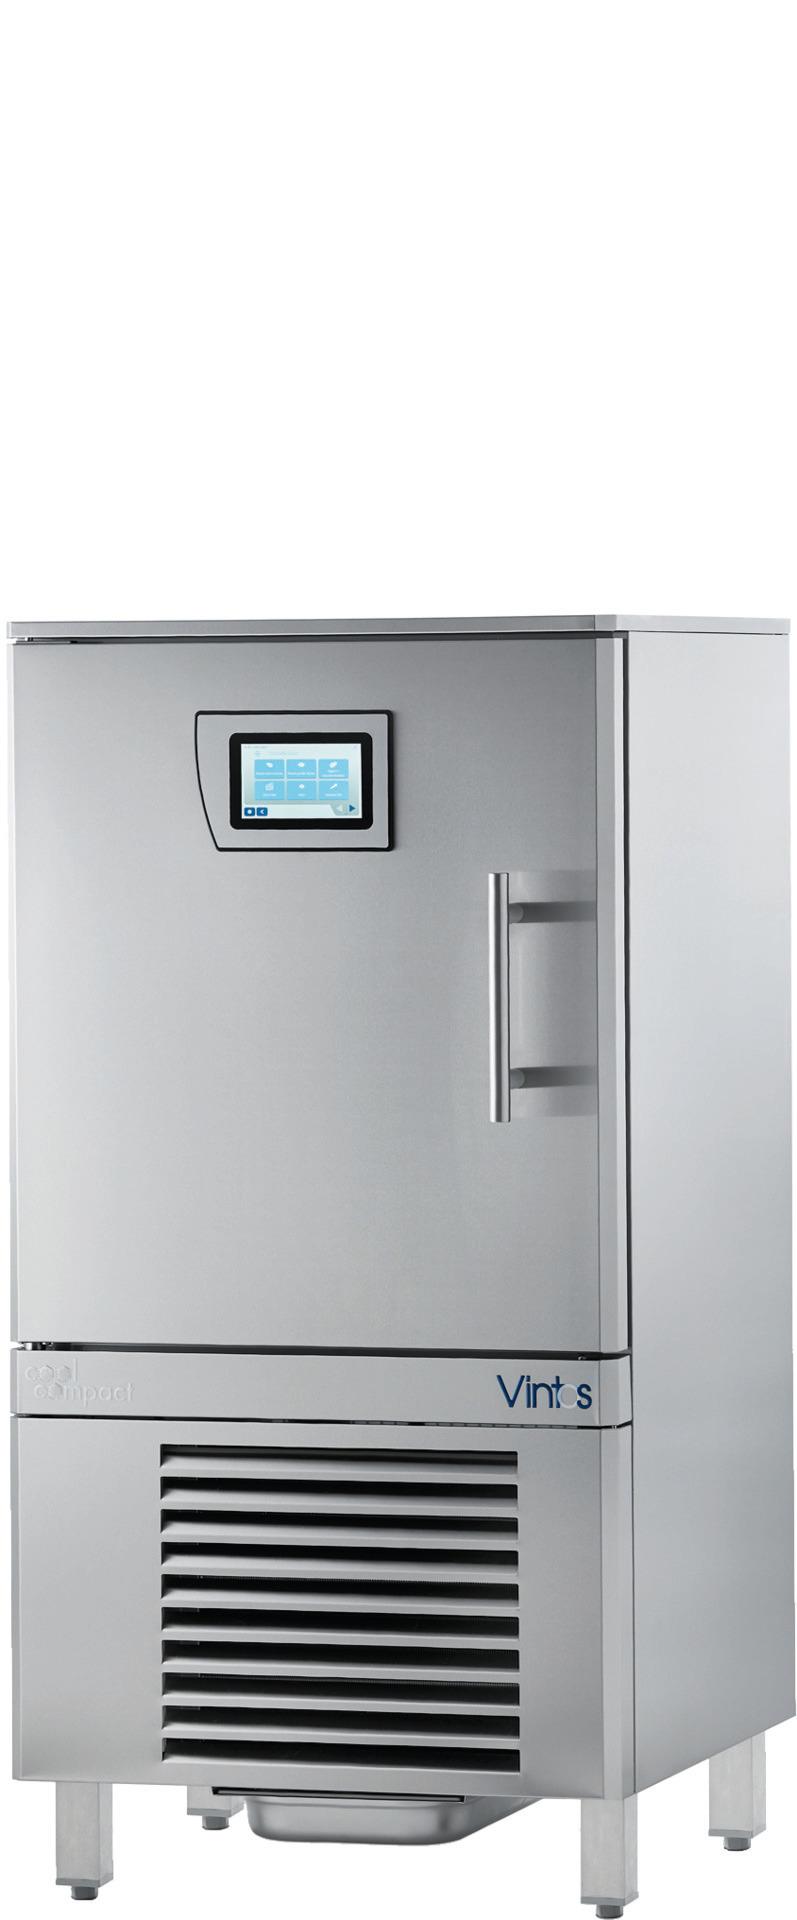 Schnellkühler / Schockfroster 8 x GN 1/1 Quereinschub / steckerfertig